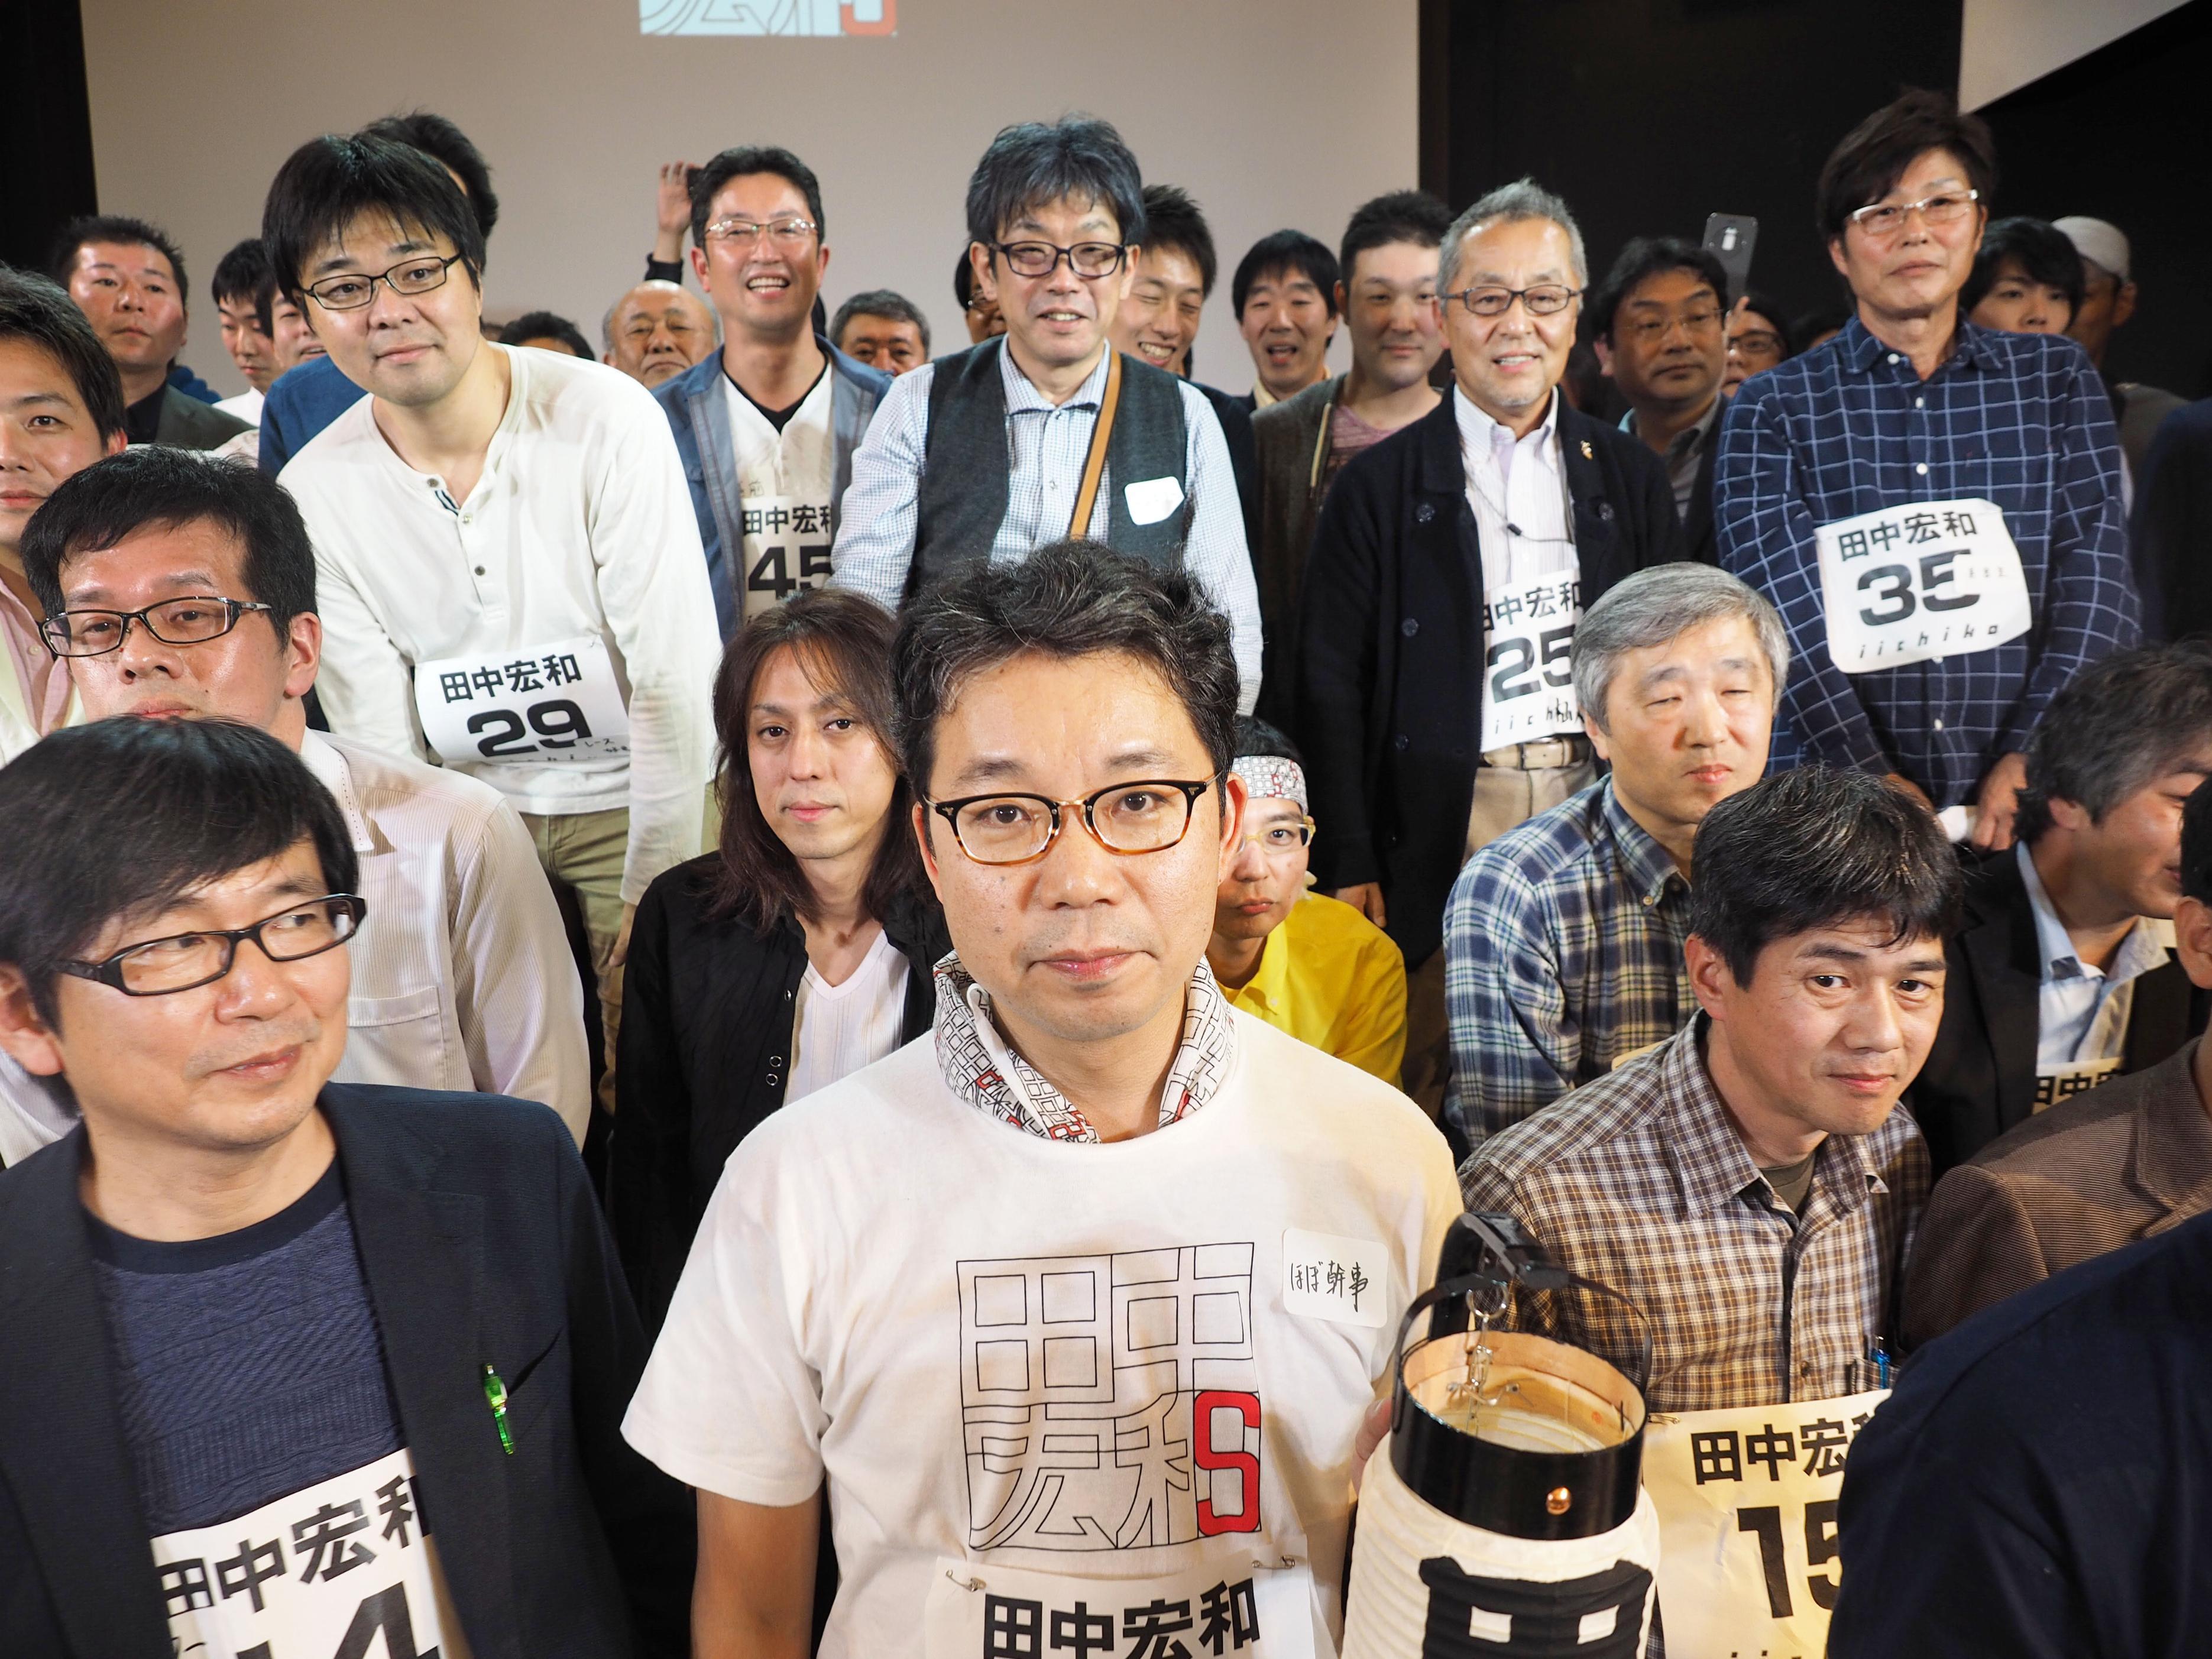 「全国大会」に集まった同姓同名の田中宏和たち。前列中央が「ほぼ幹事」の田中宏和=東京都渋谷区